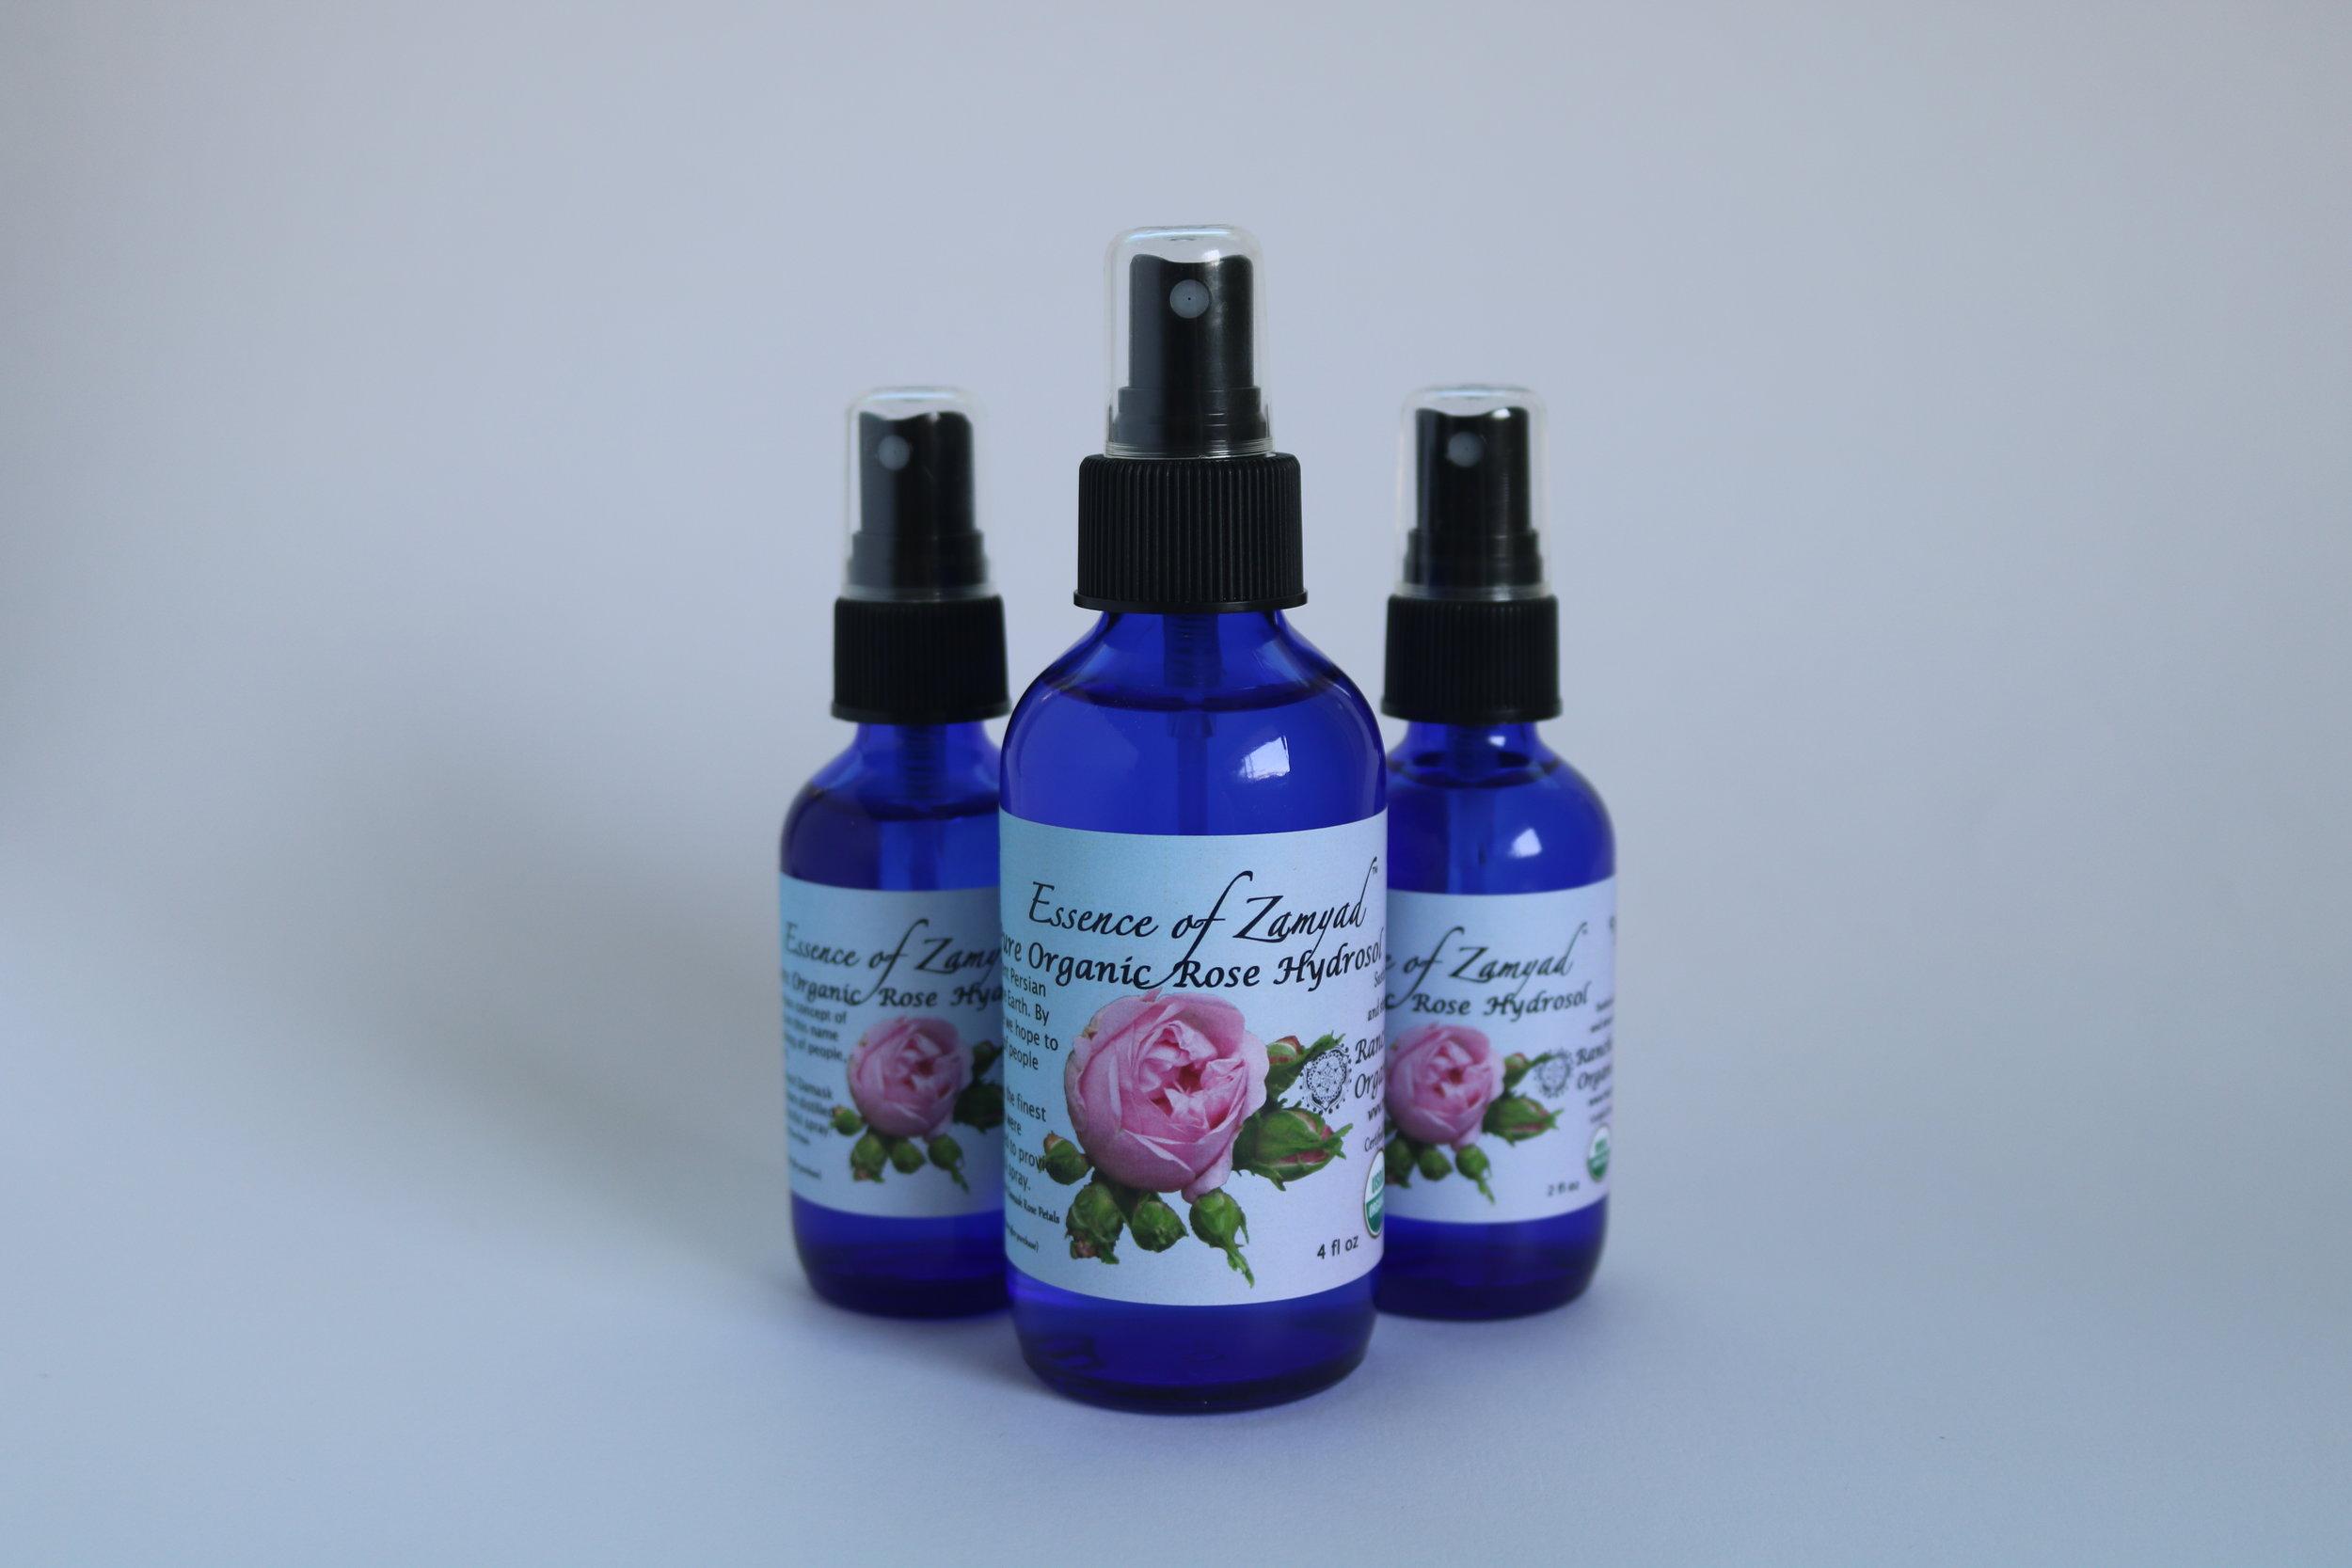 Pure Organic Rose Hydrosol